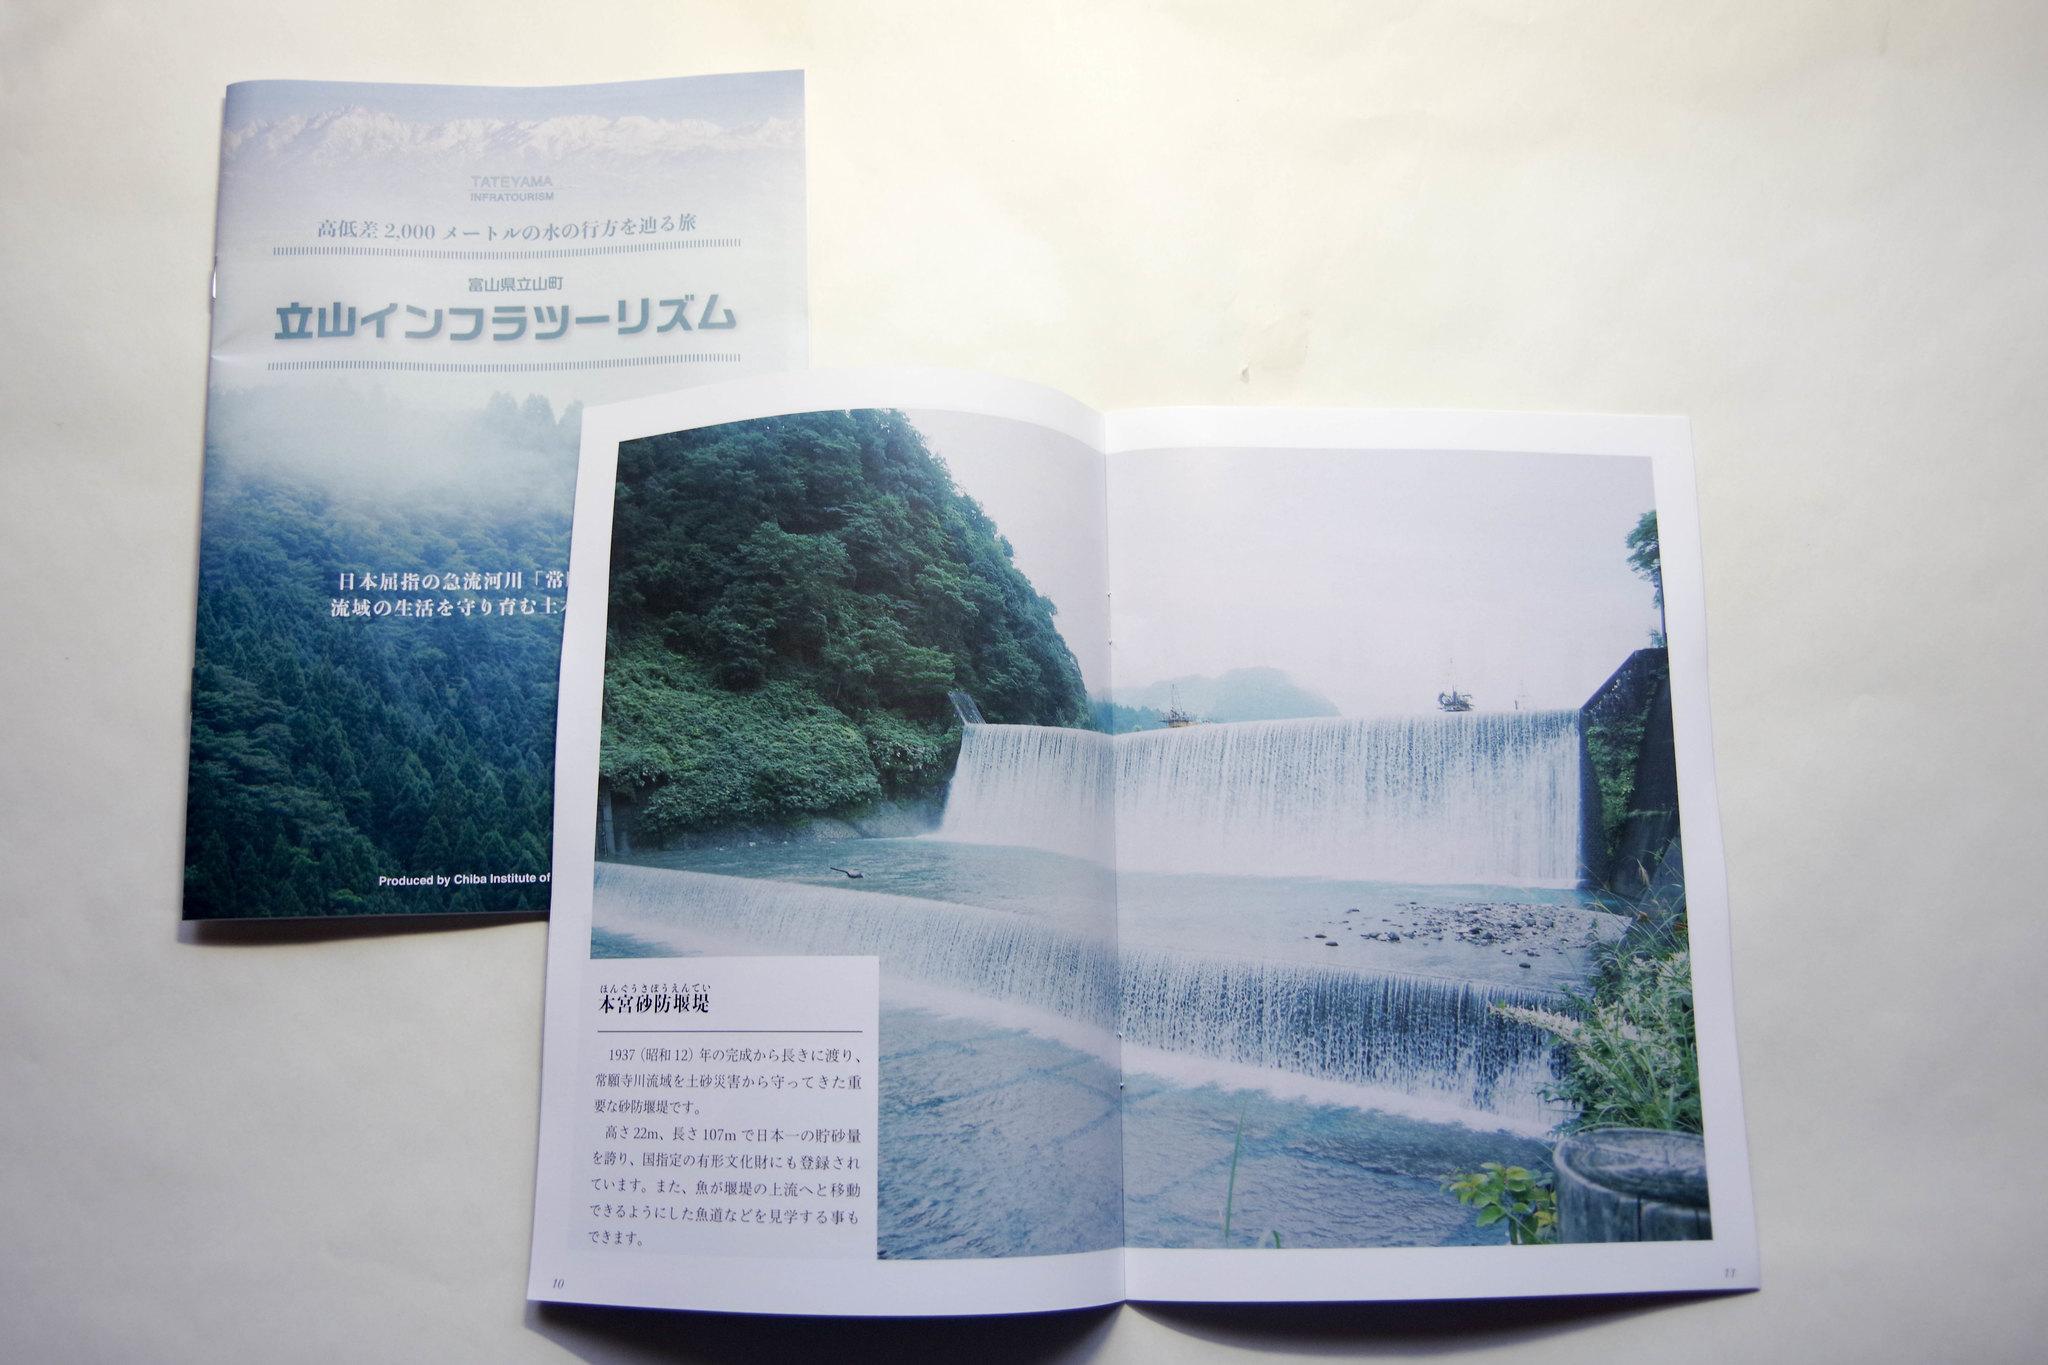 IMGP4694-2.jpg